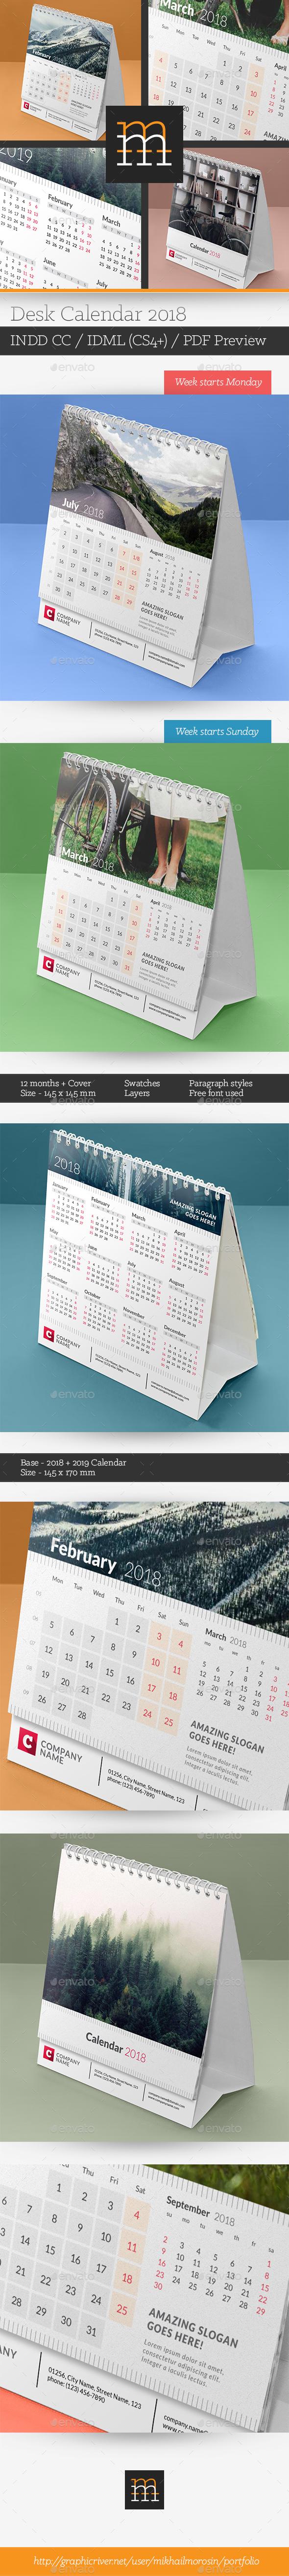 GraphicRiver Desk Calendar 2018 20347700